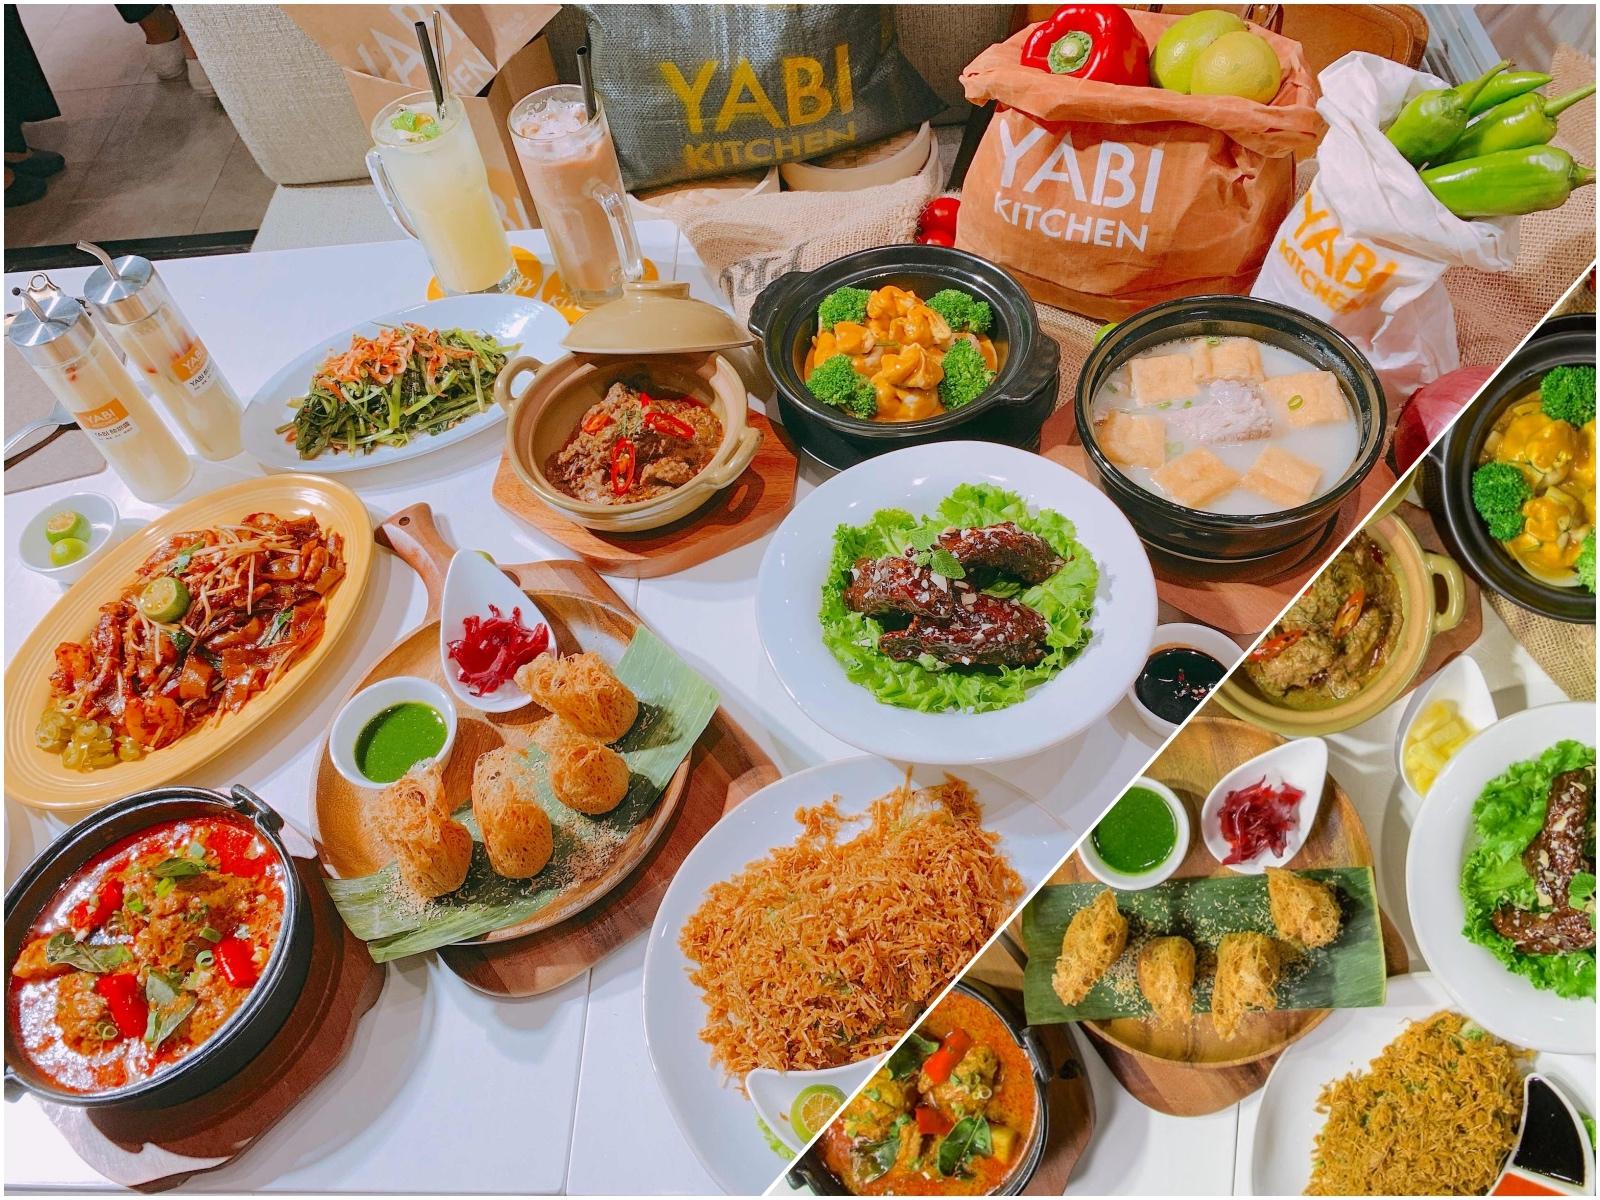 Yabi Kitchen匯集星馬泰印度等人氣料理